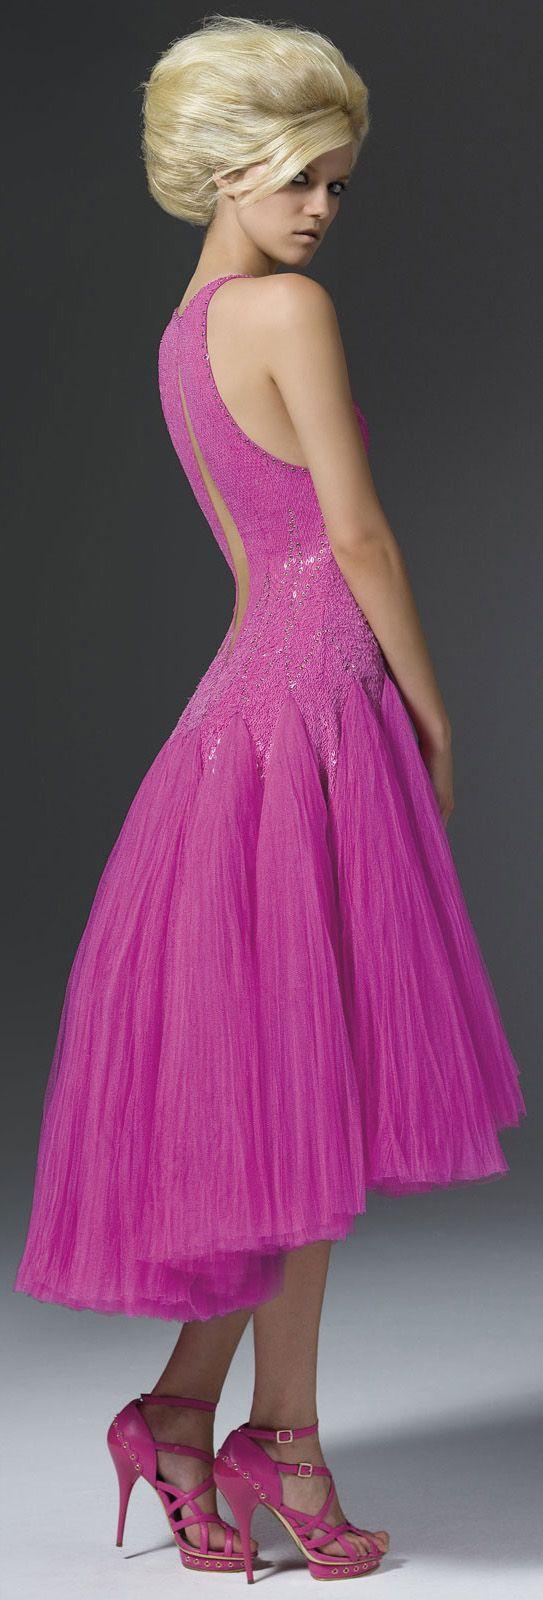 Versace, love the shape. | mujeres | Pinterest | Rosas, Vestiditos y ...